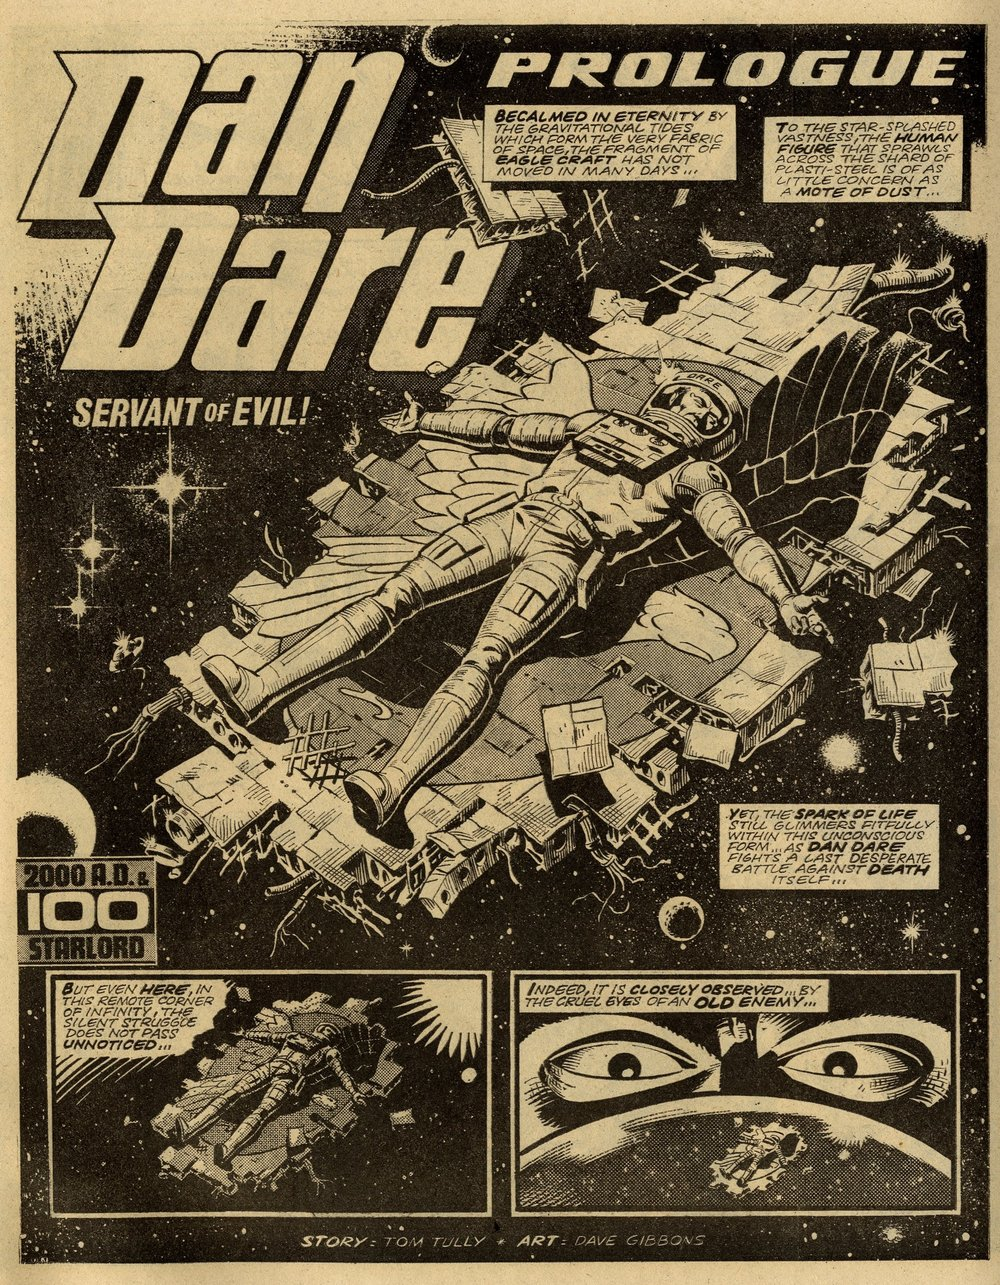 Dan Dare: 'Servant of Evil': Tom Tully (writer), Dave Gibbons (artist)